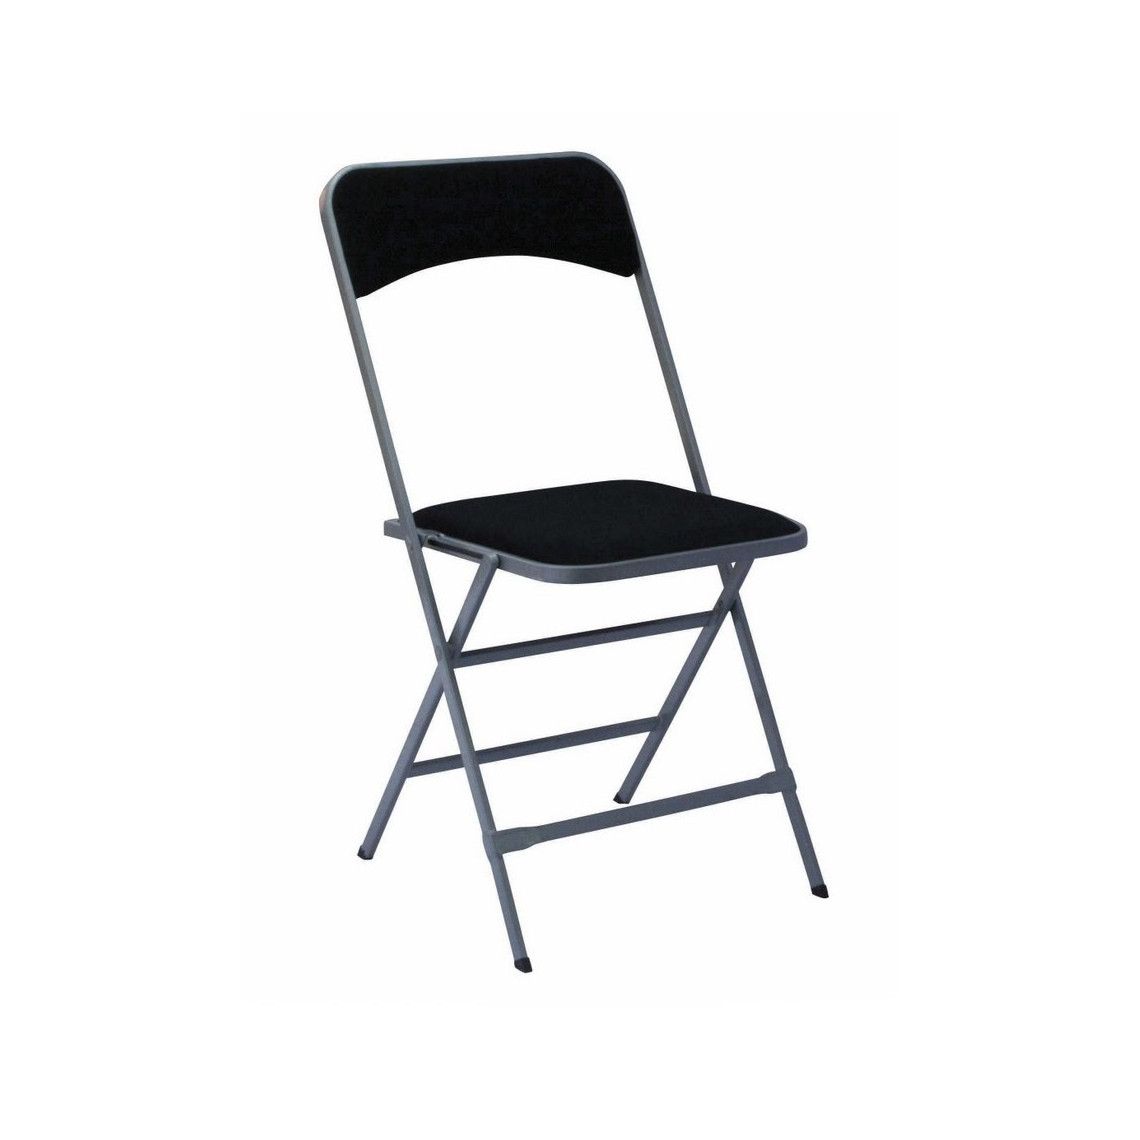 Chaise pliante gris argent/velours noir (M1)